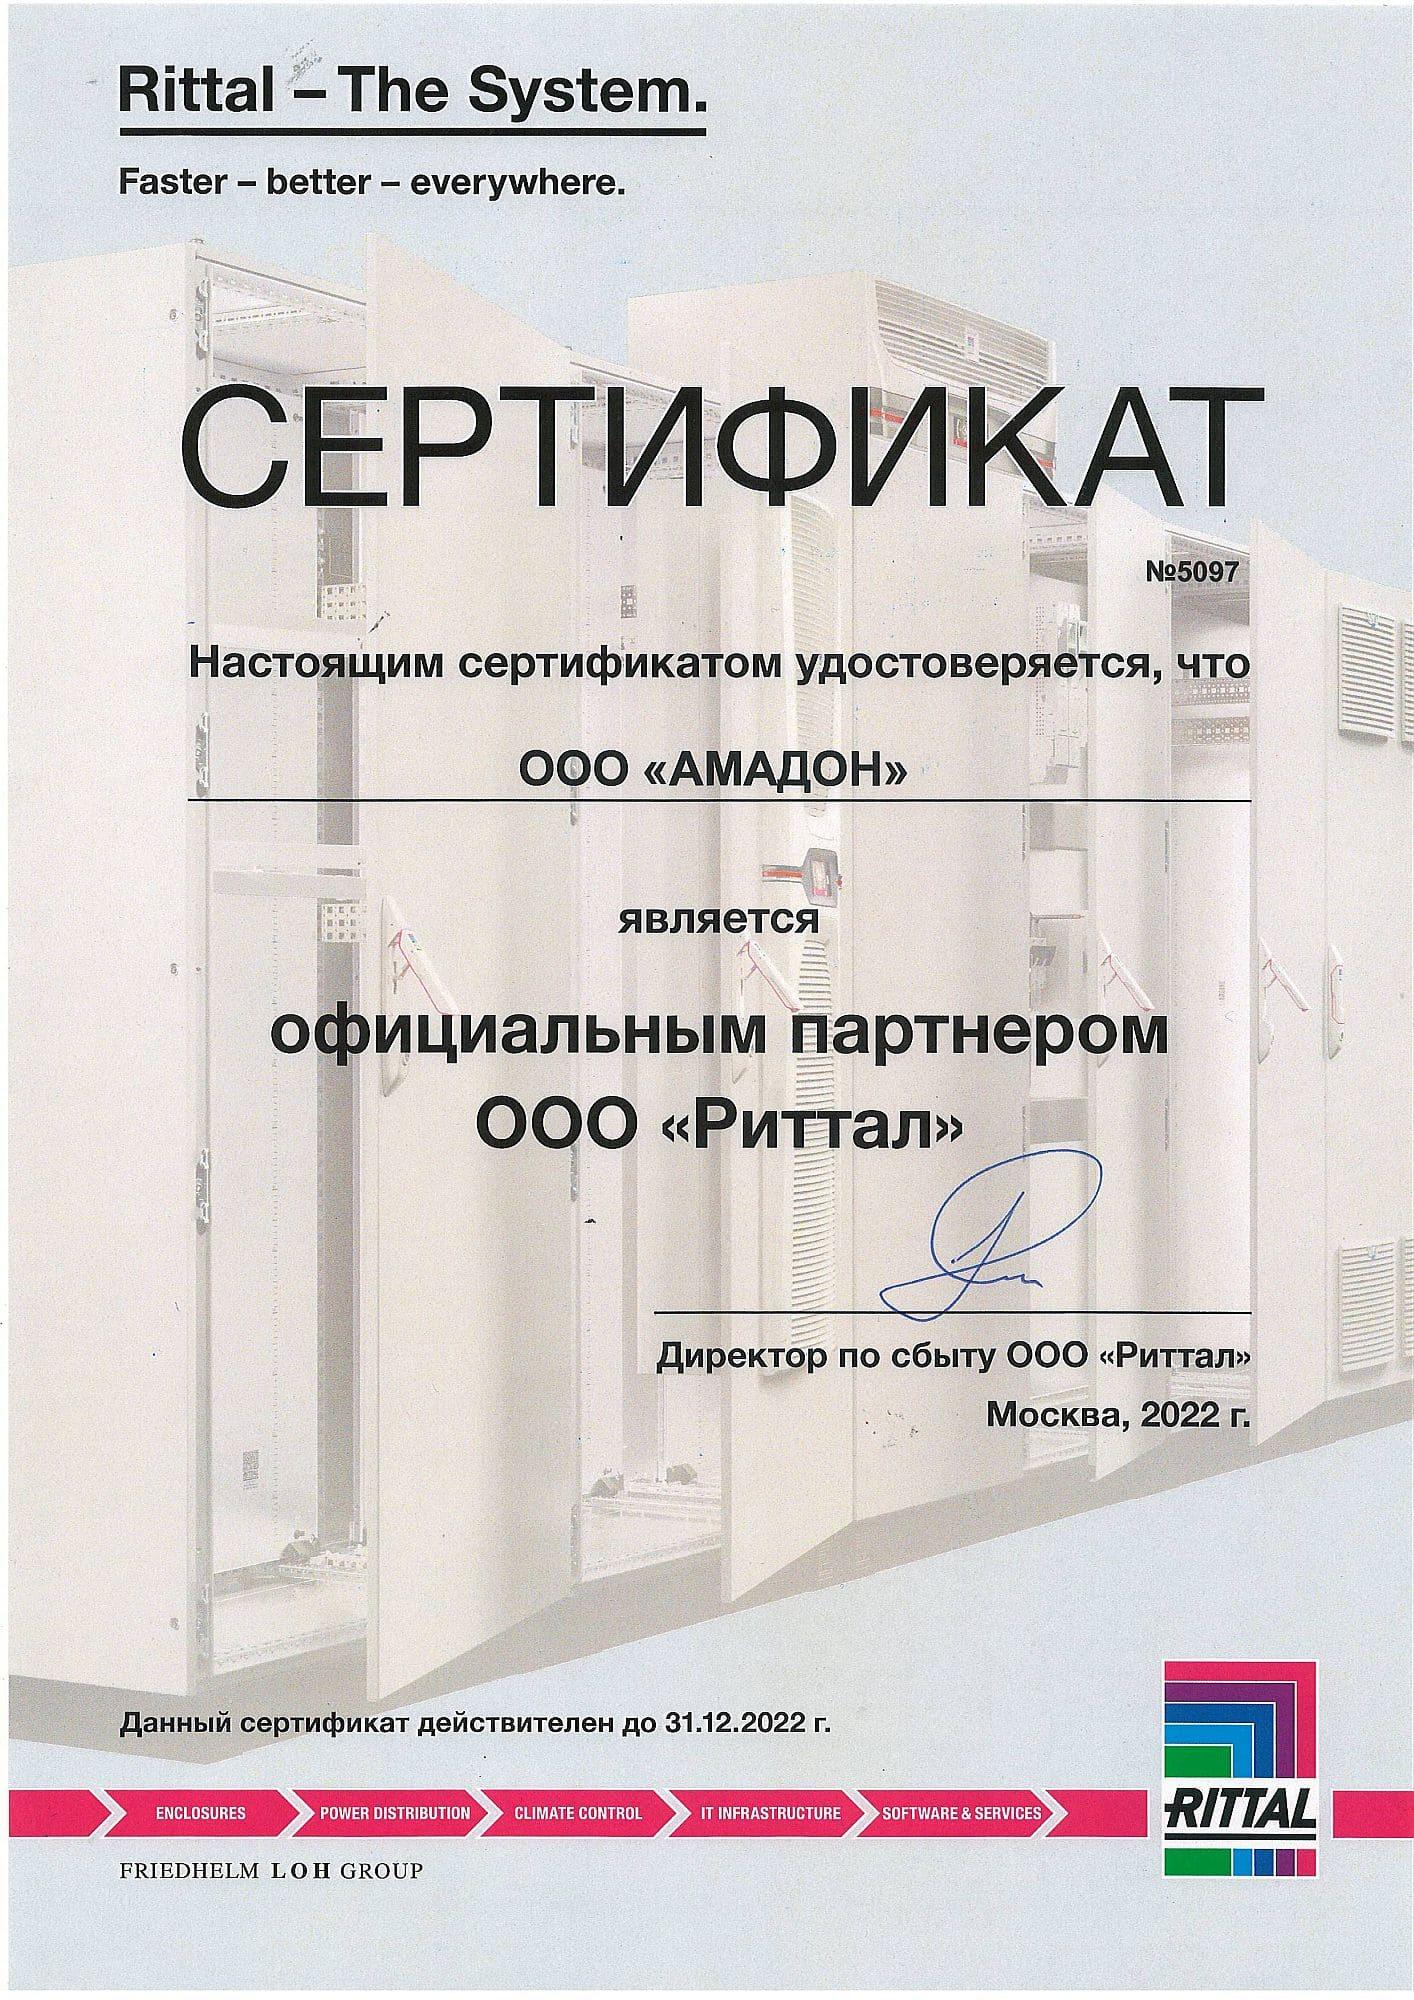 amadon-rittal-sertifikat